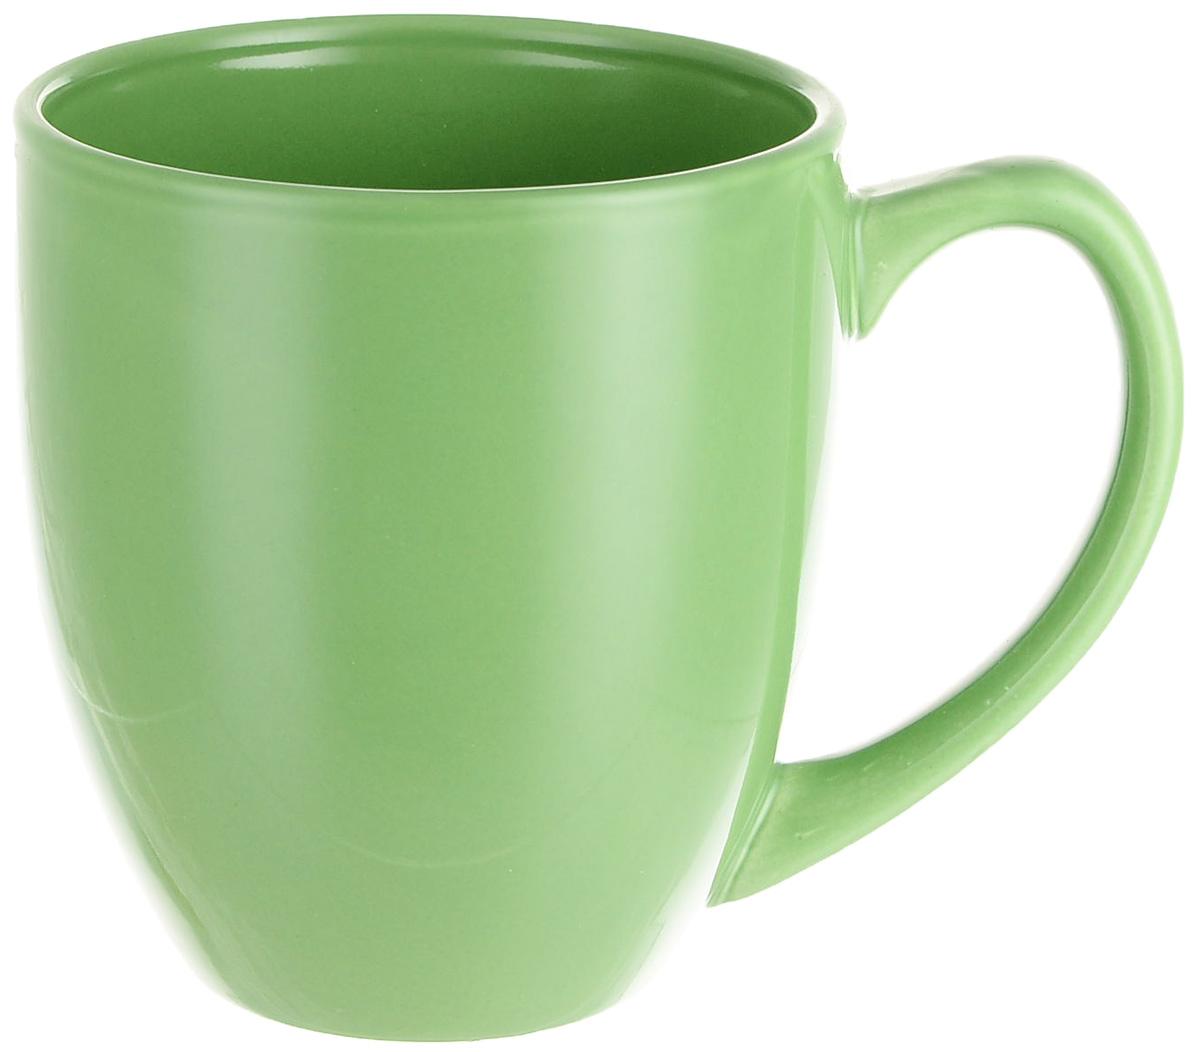 Кружка МФК-профит Color, цвет: зеленый, 425 мл сувенир мфк профит кружка гадкий я ракетница стекло 300мл 97654 022518